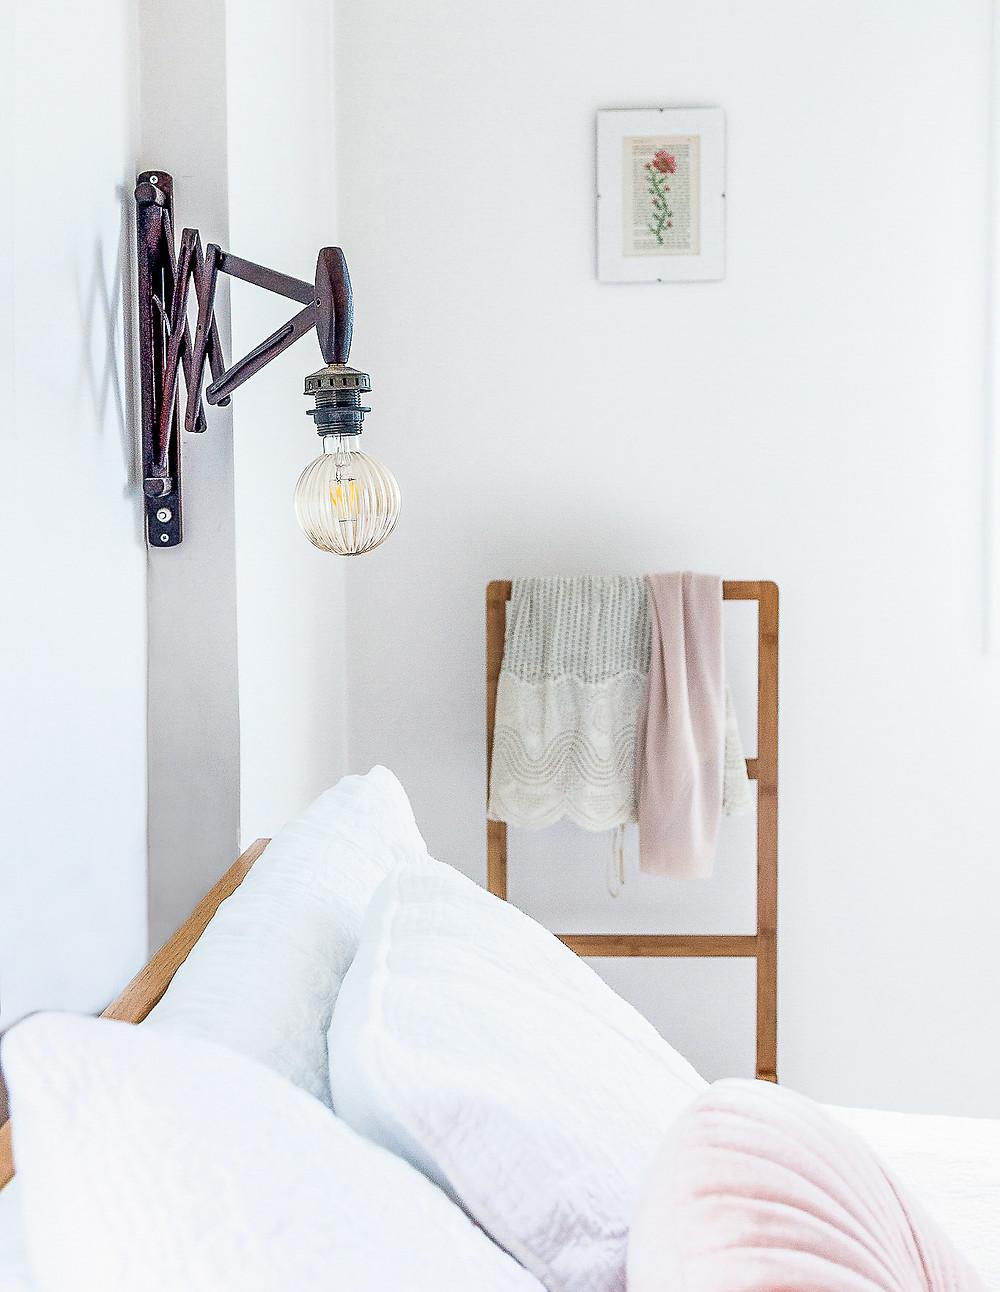 עיצוב חדר שינה סטודיו חיית וינטאג' - מנורה מתכווננת